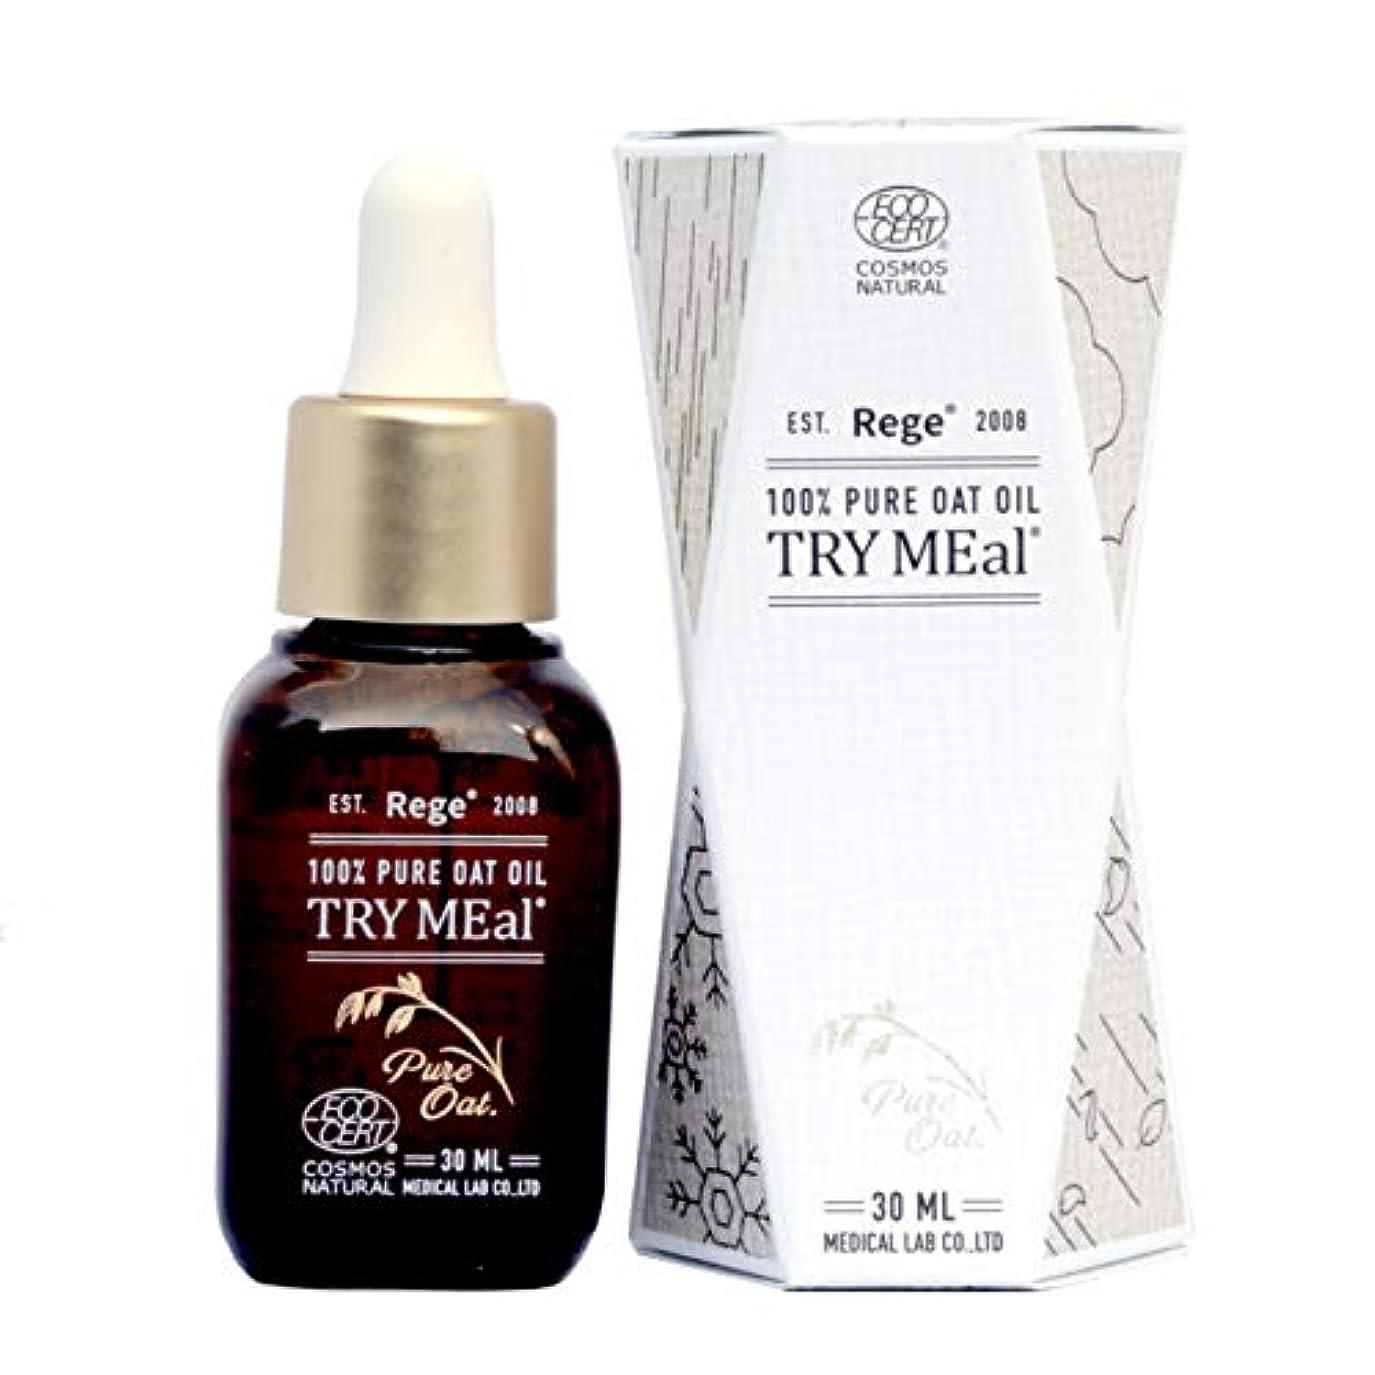 レガシーマウンド教科書TRY MEal オートミール美容液 100%ピュアオイル 30ml エコサート&コスモスナチュラル認証